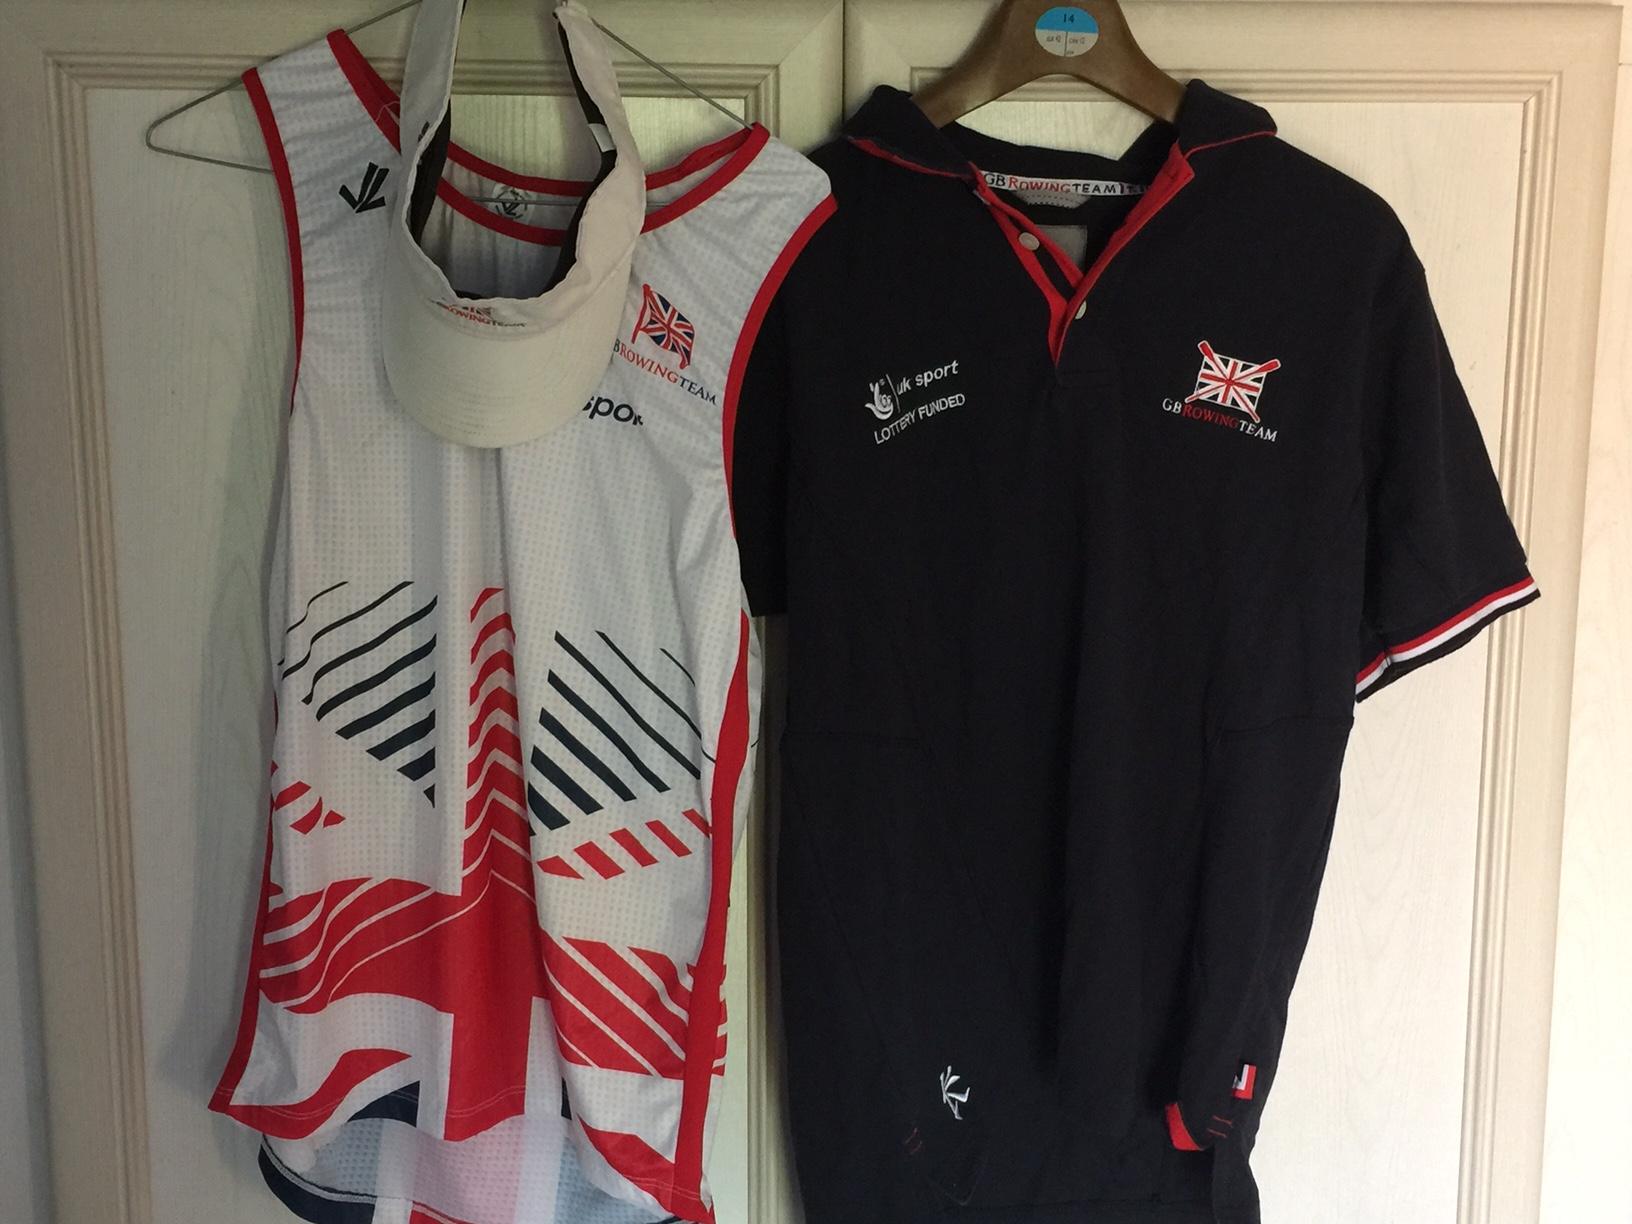 Matt Langridge's Rio Olympic kit as a prize